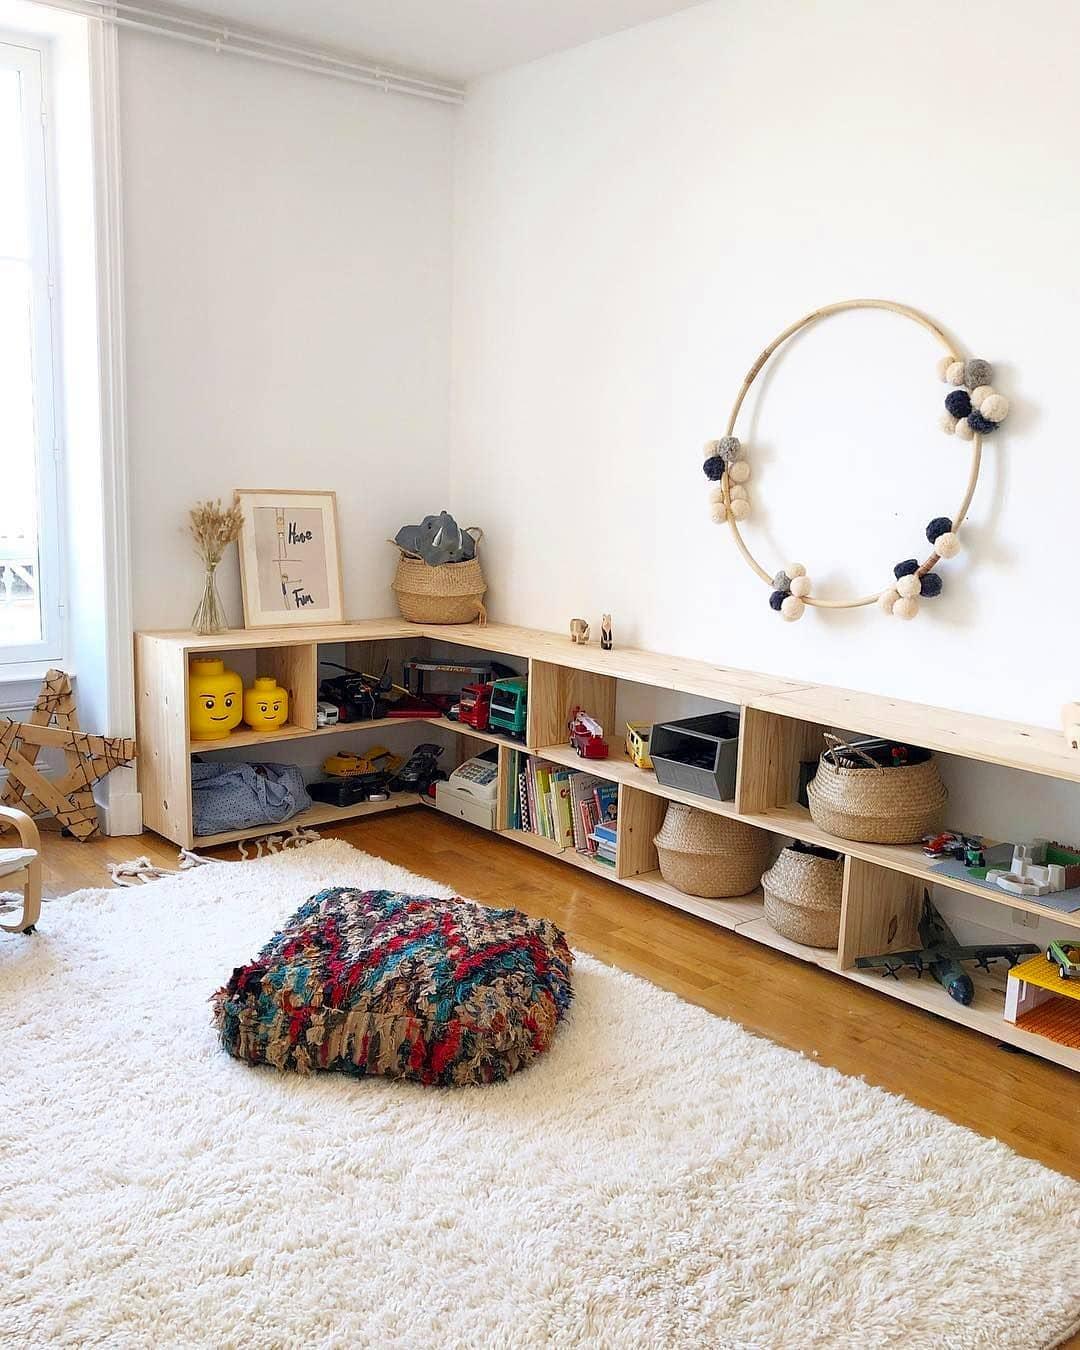 kinderkamer inrichten Montessori